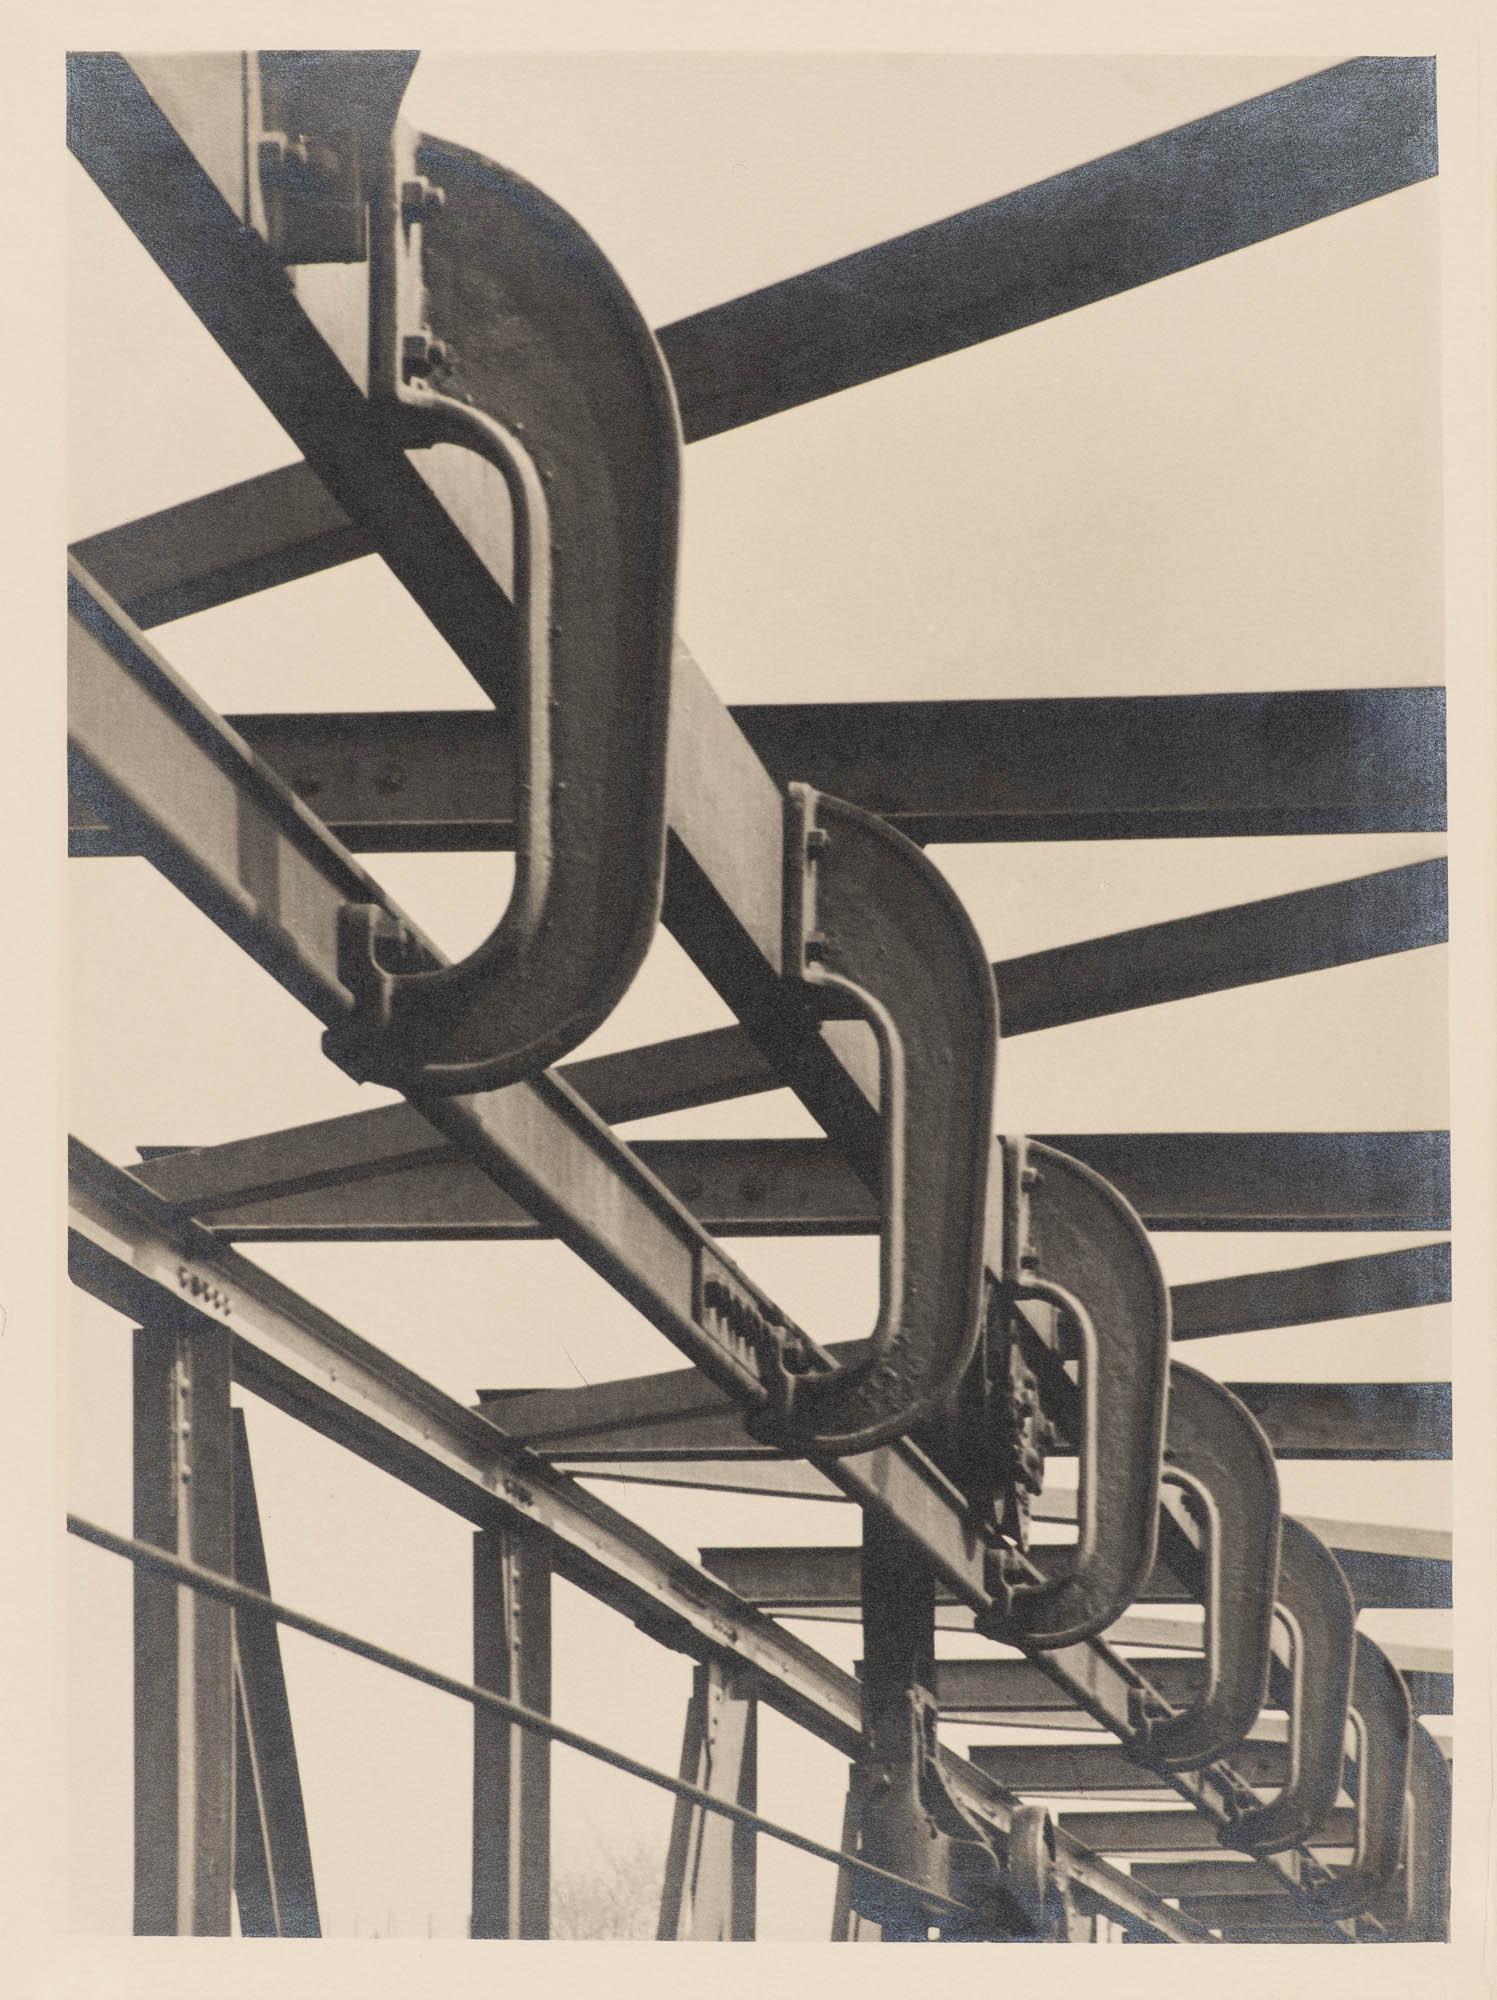 Riemenscheiben Albert Renger-Patzsch Sachfotografie